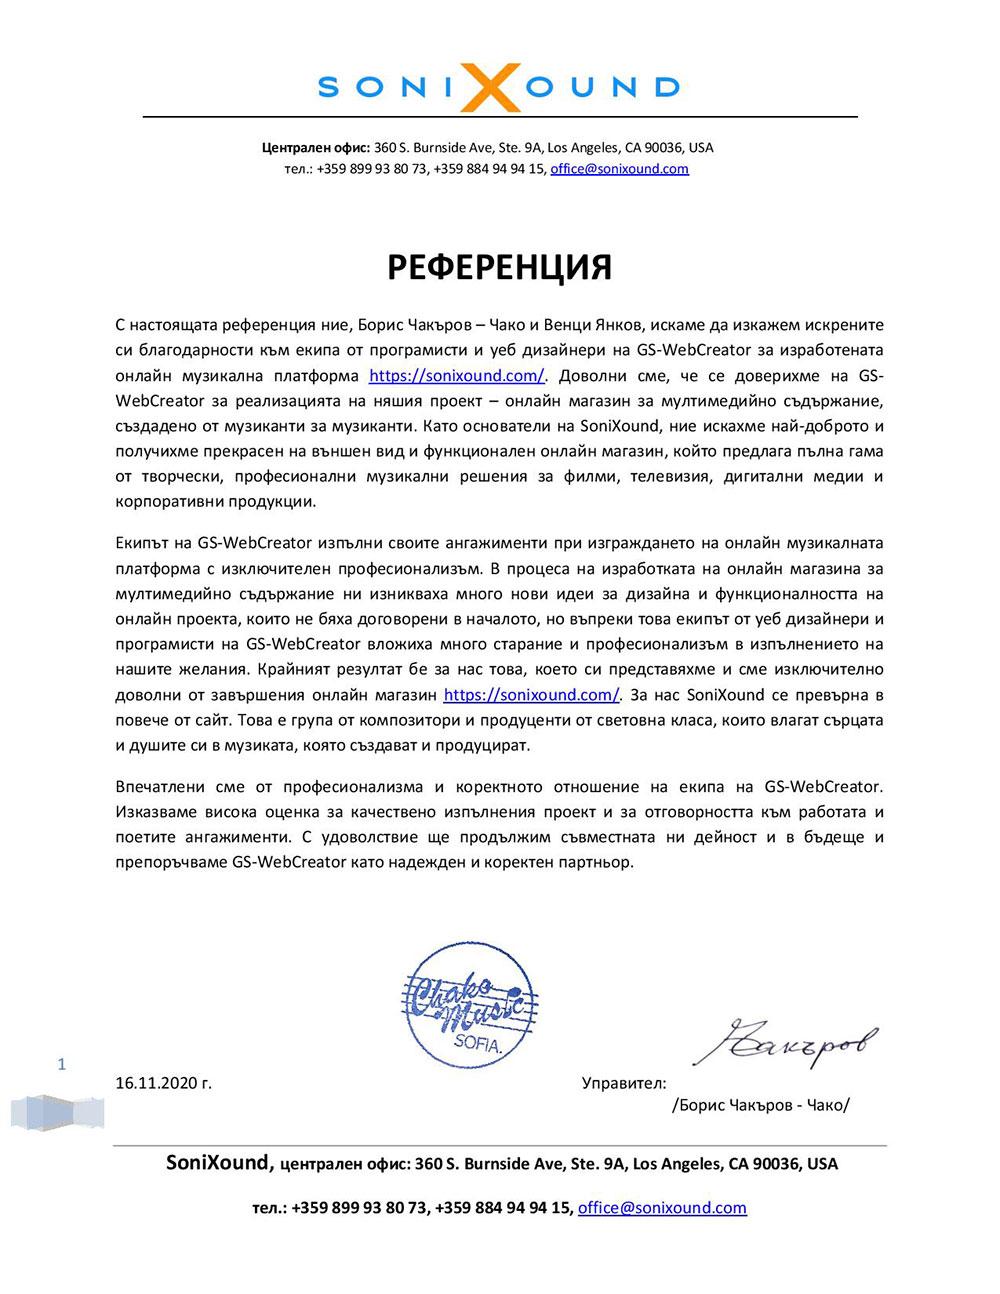 Референция за изработка на онлайн магазин за продажба на музика, звуци, лупове, издадена от Борис Чакъров-Чако на екипа на GS-WebCreator